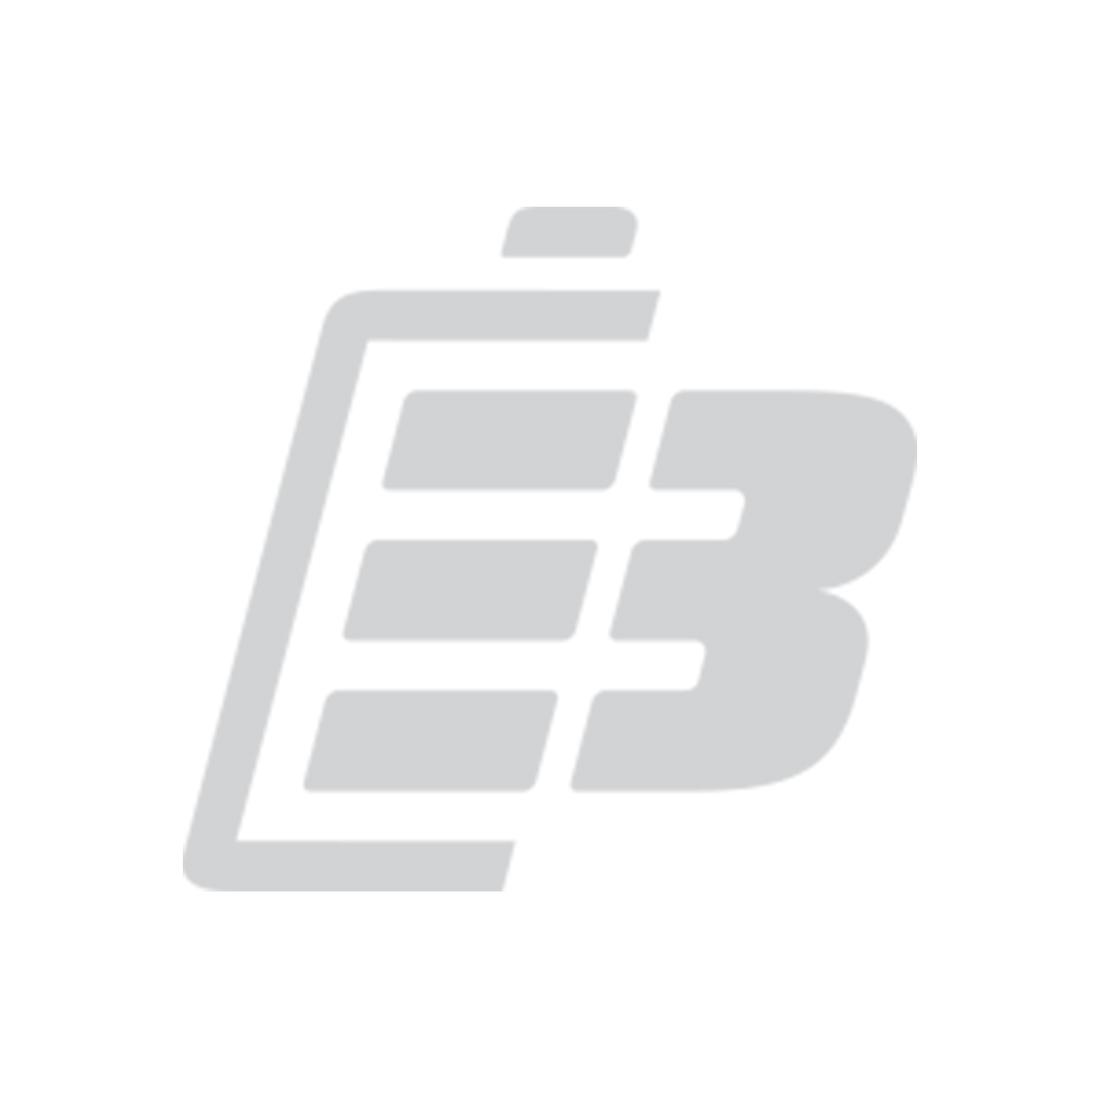 Μπαταρία ηλεκτρικού εργαλείου Bosch 24V 3.0Ah_1